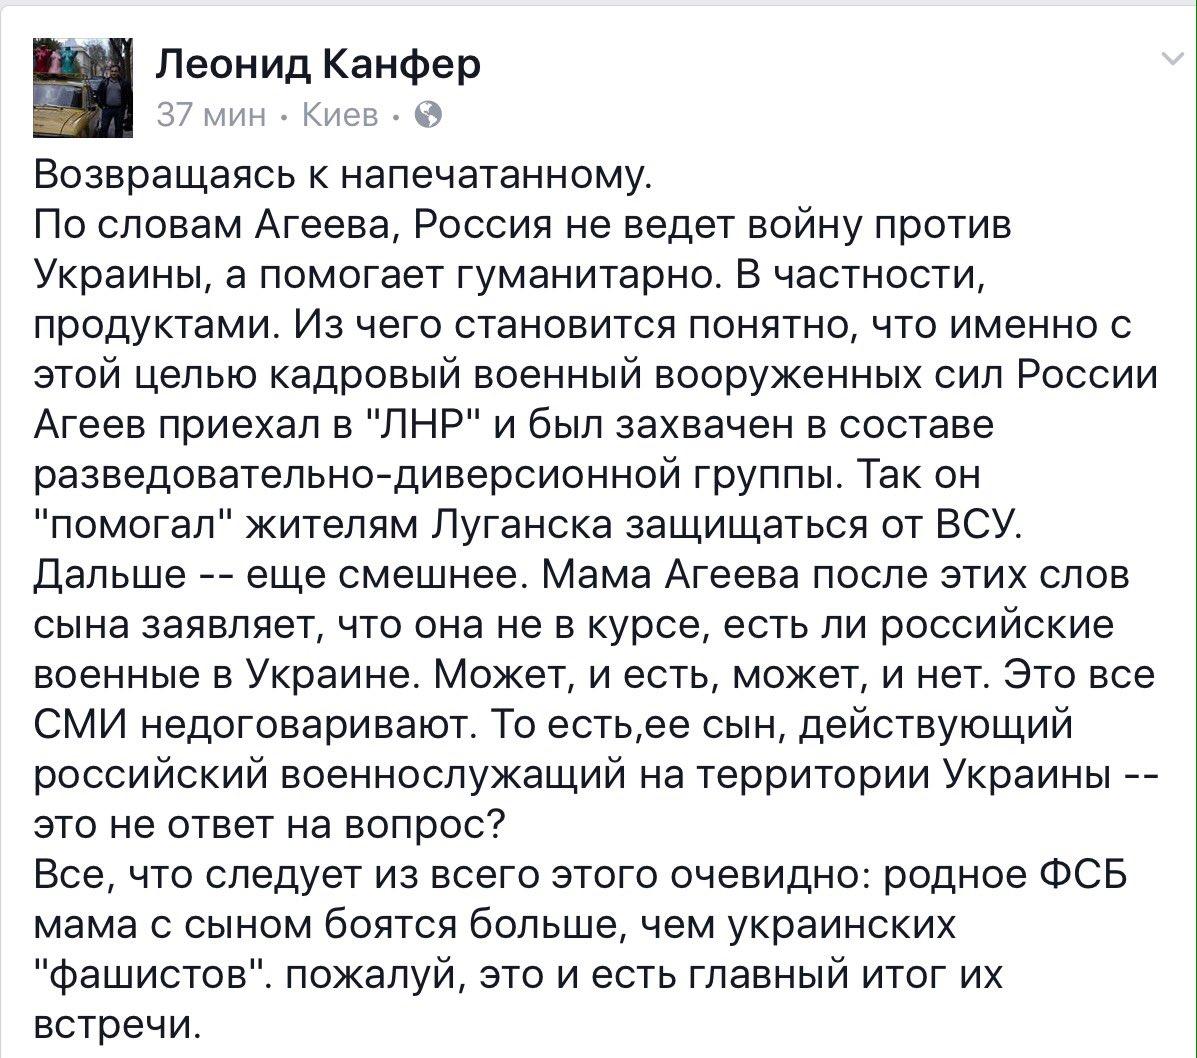 Песков о российских войсках у границ Украины: РФ меняет конфигурацию вооруженных сил так, как хочет - Цензор.НЕТ 2718